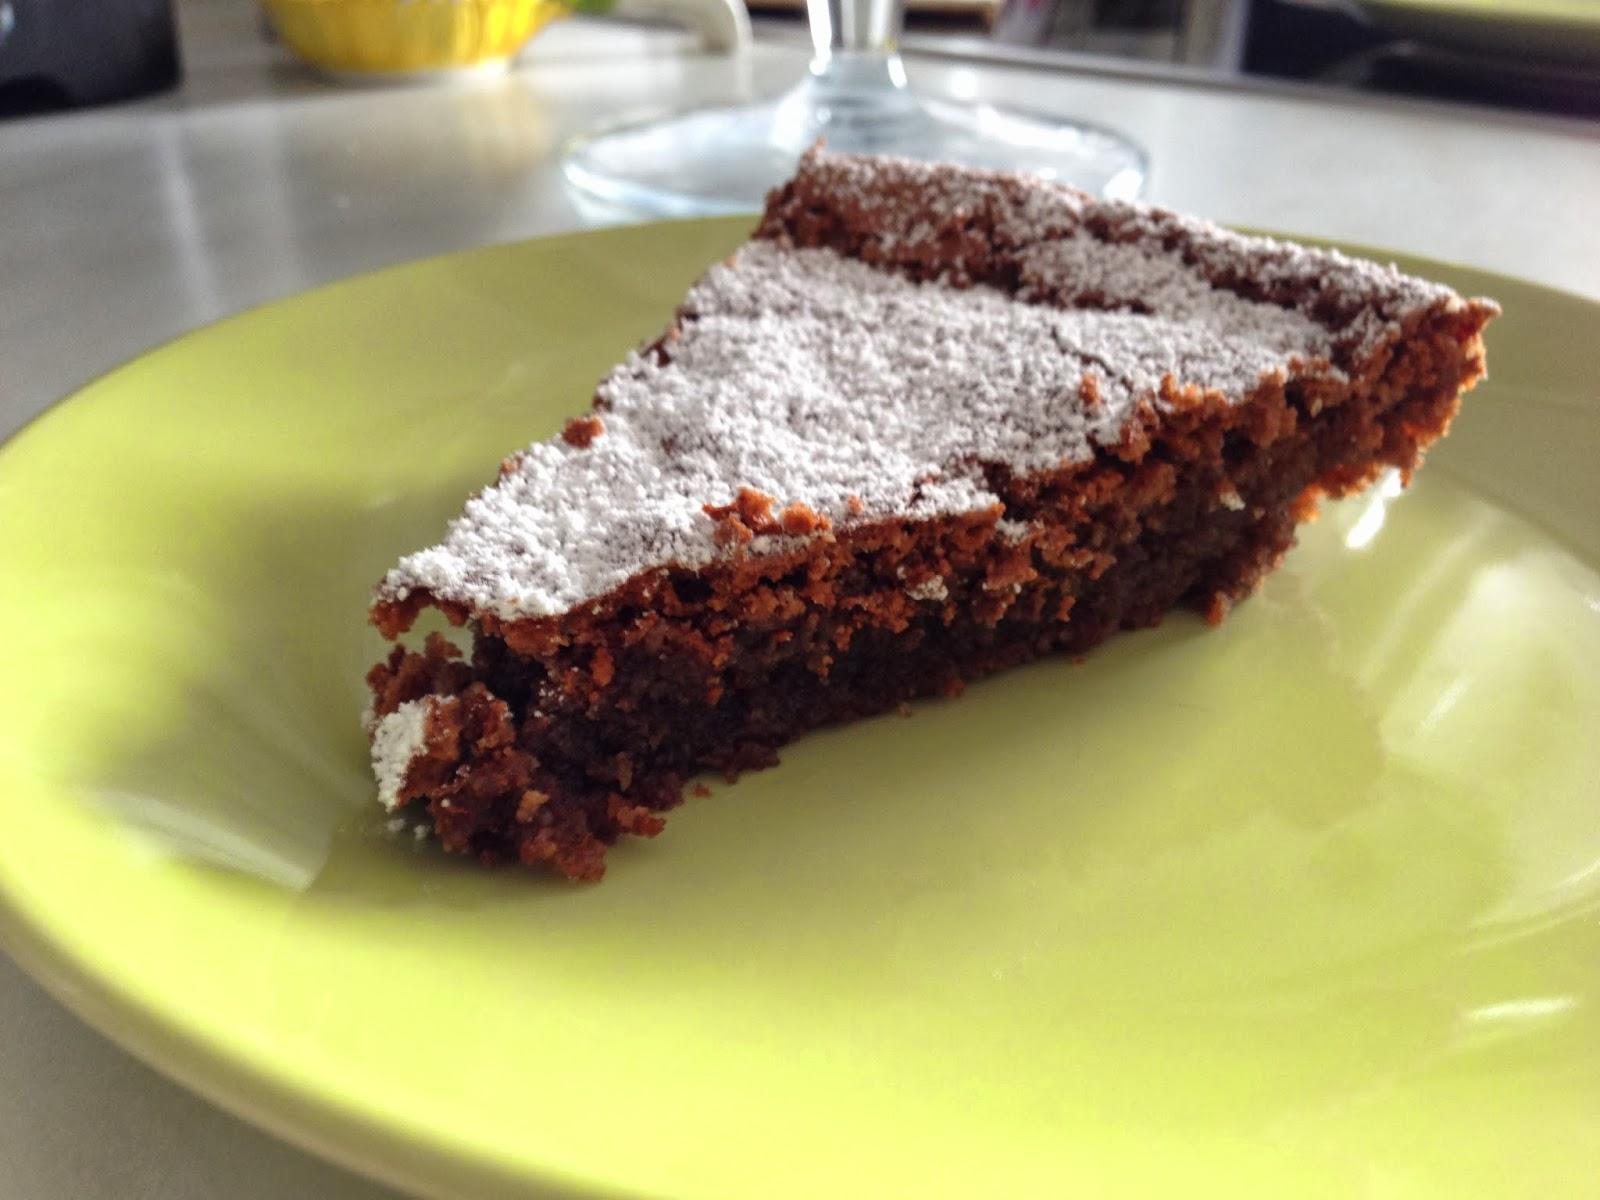 Schneller Und Einfacher Schokoladenkuchen Oder Ein Traum In Braun Mit Kinderaugen